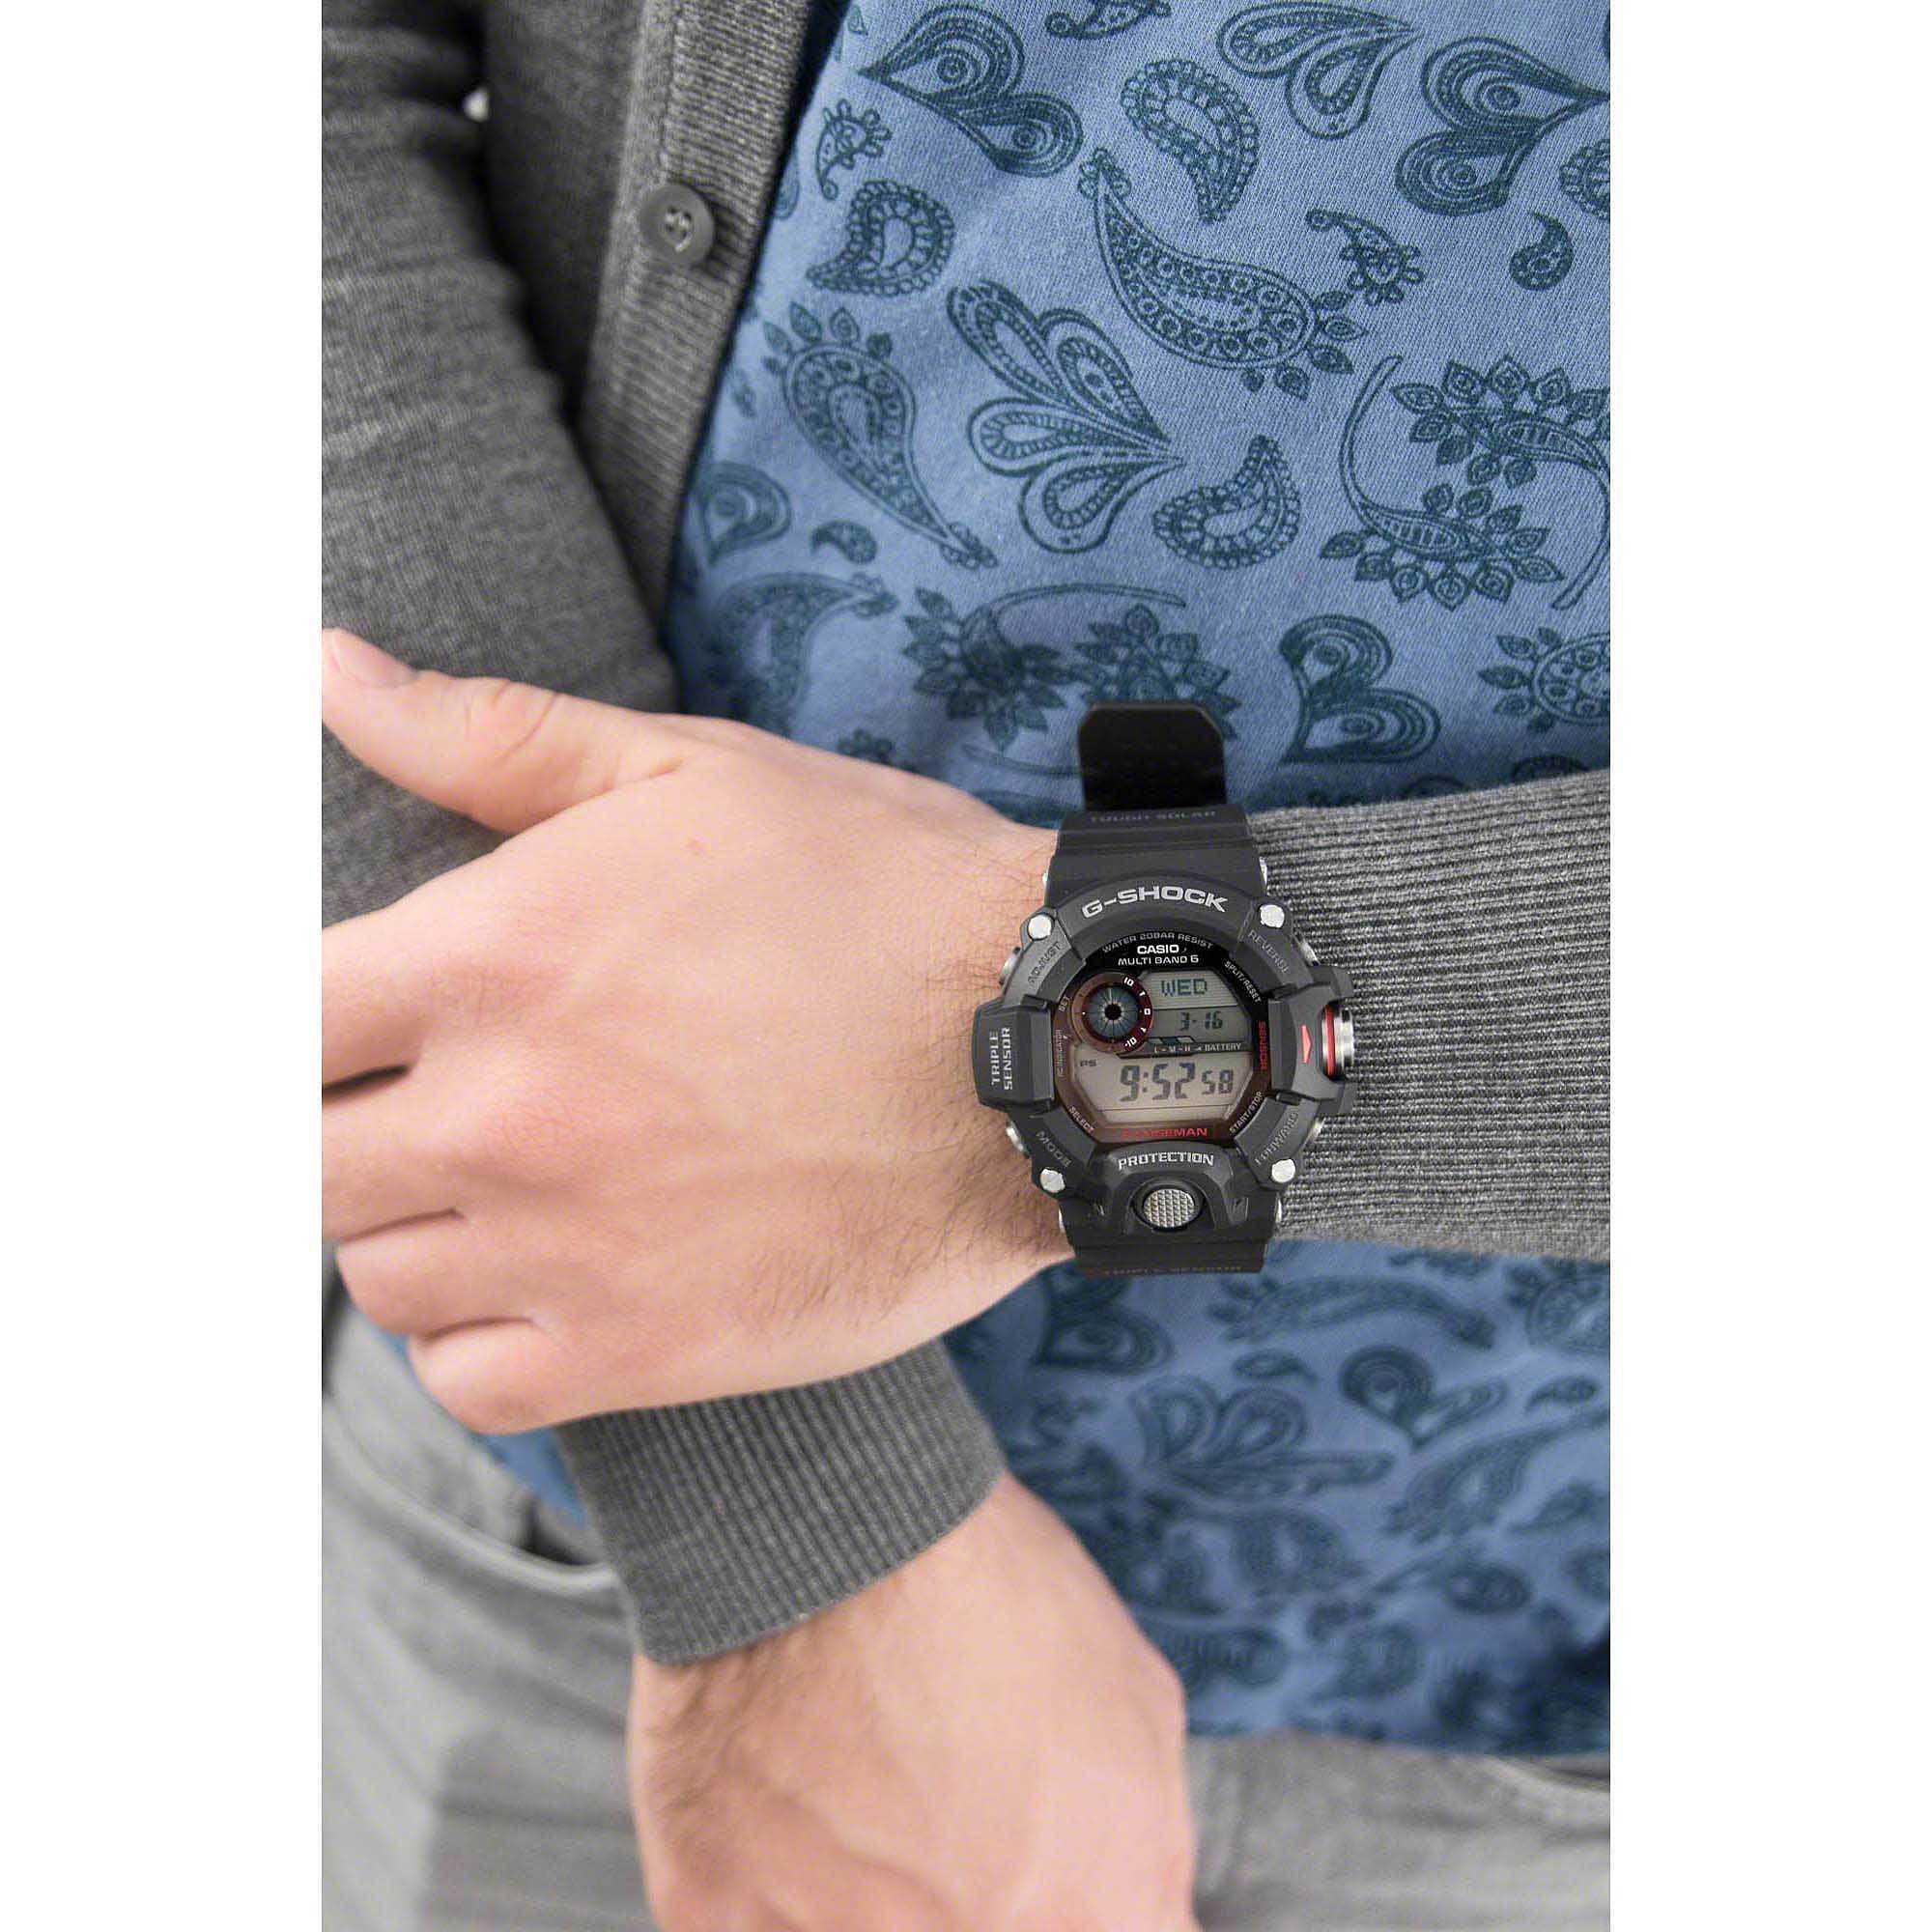 watch digital unisex Casio G-SHOCK GW-9400-1ER digitals Casio 26d92d679